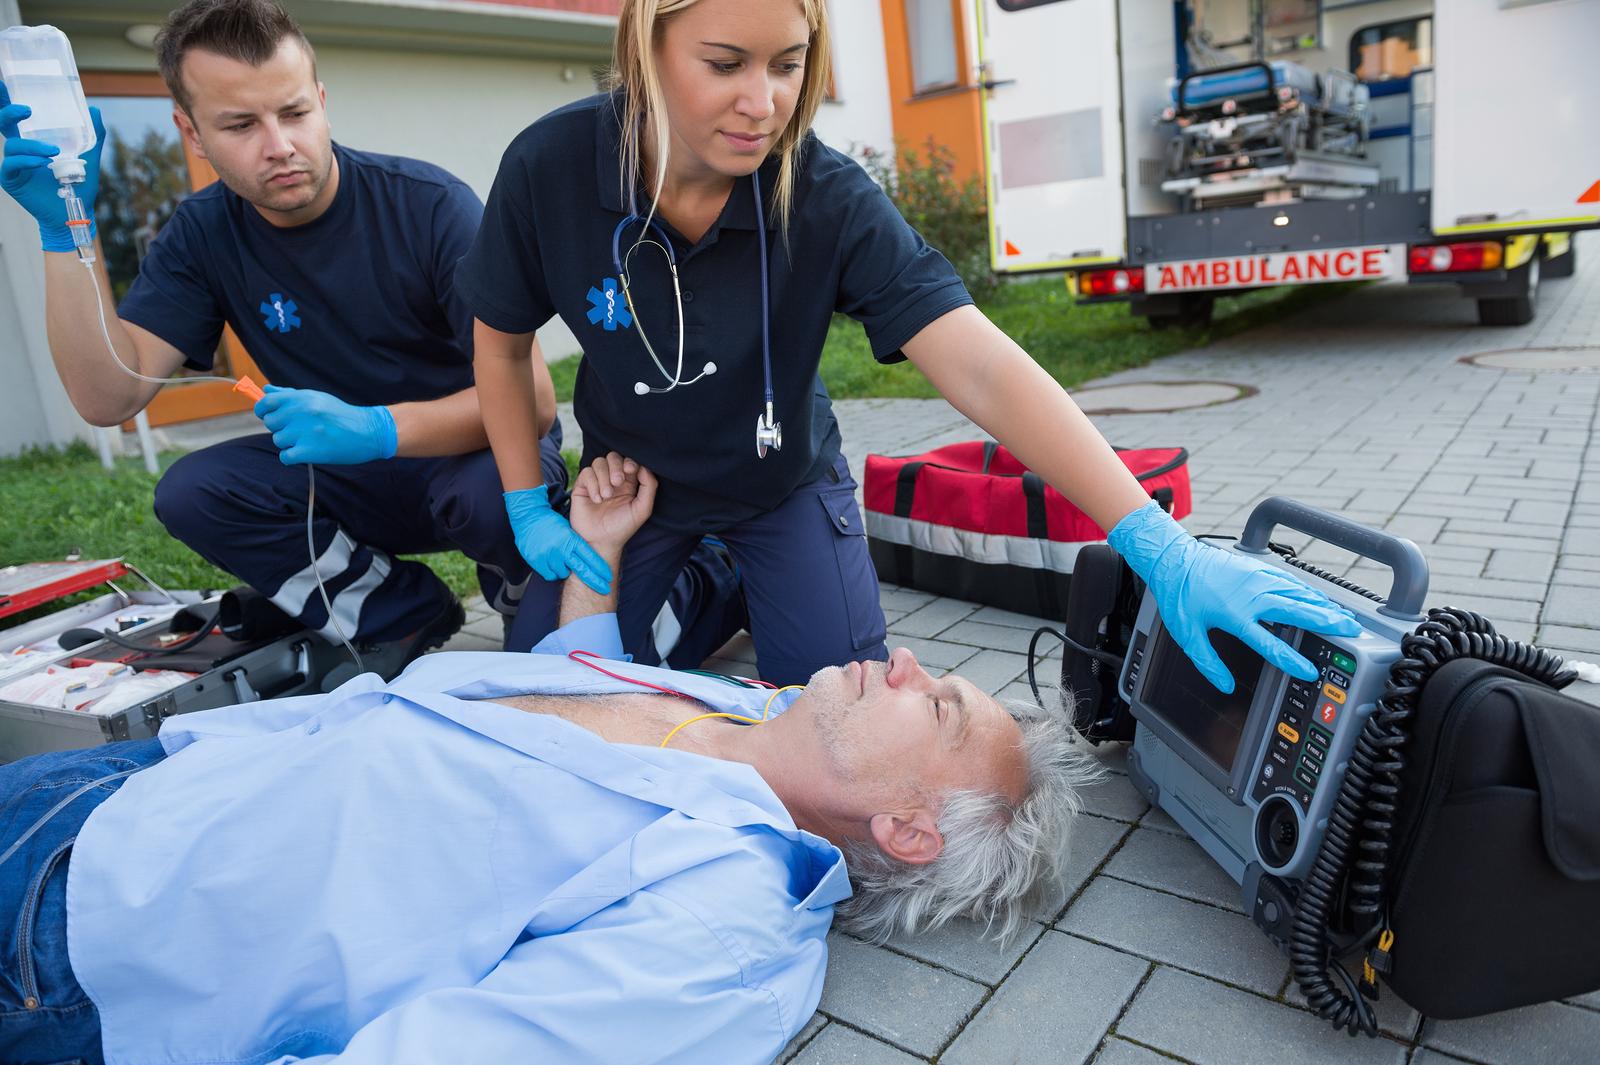 Paramedics-Victim